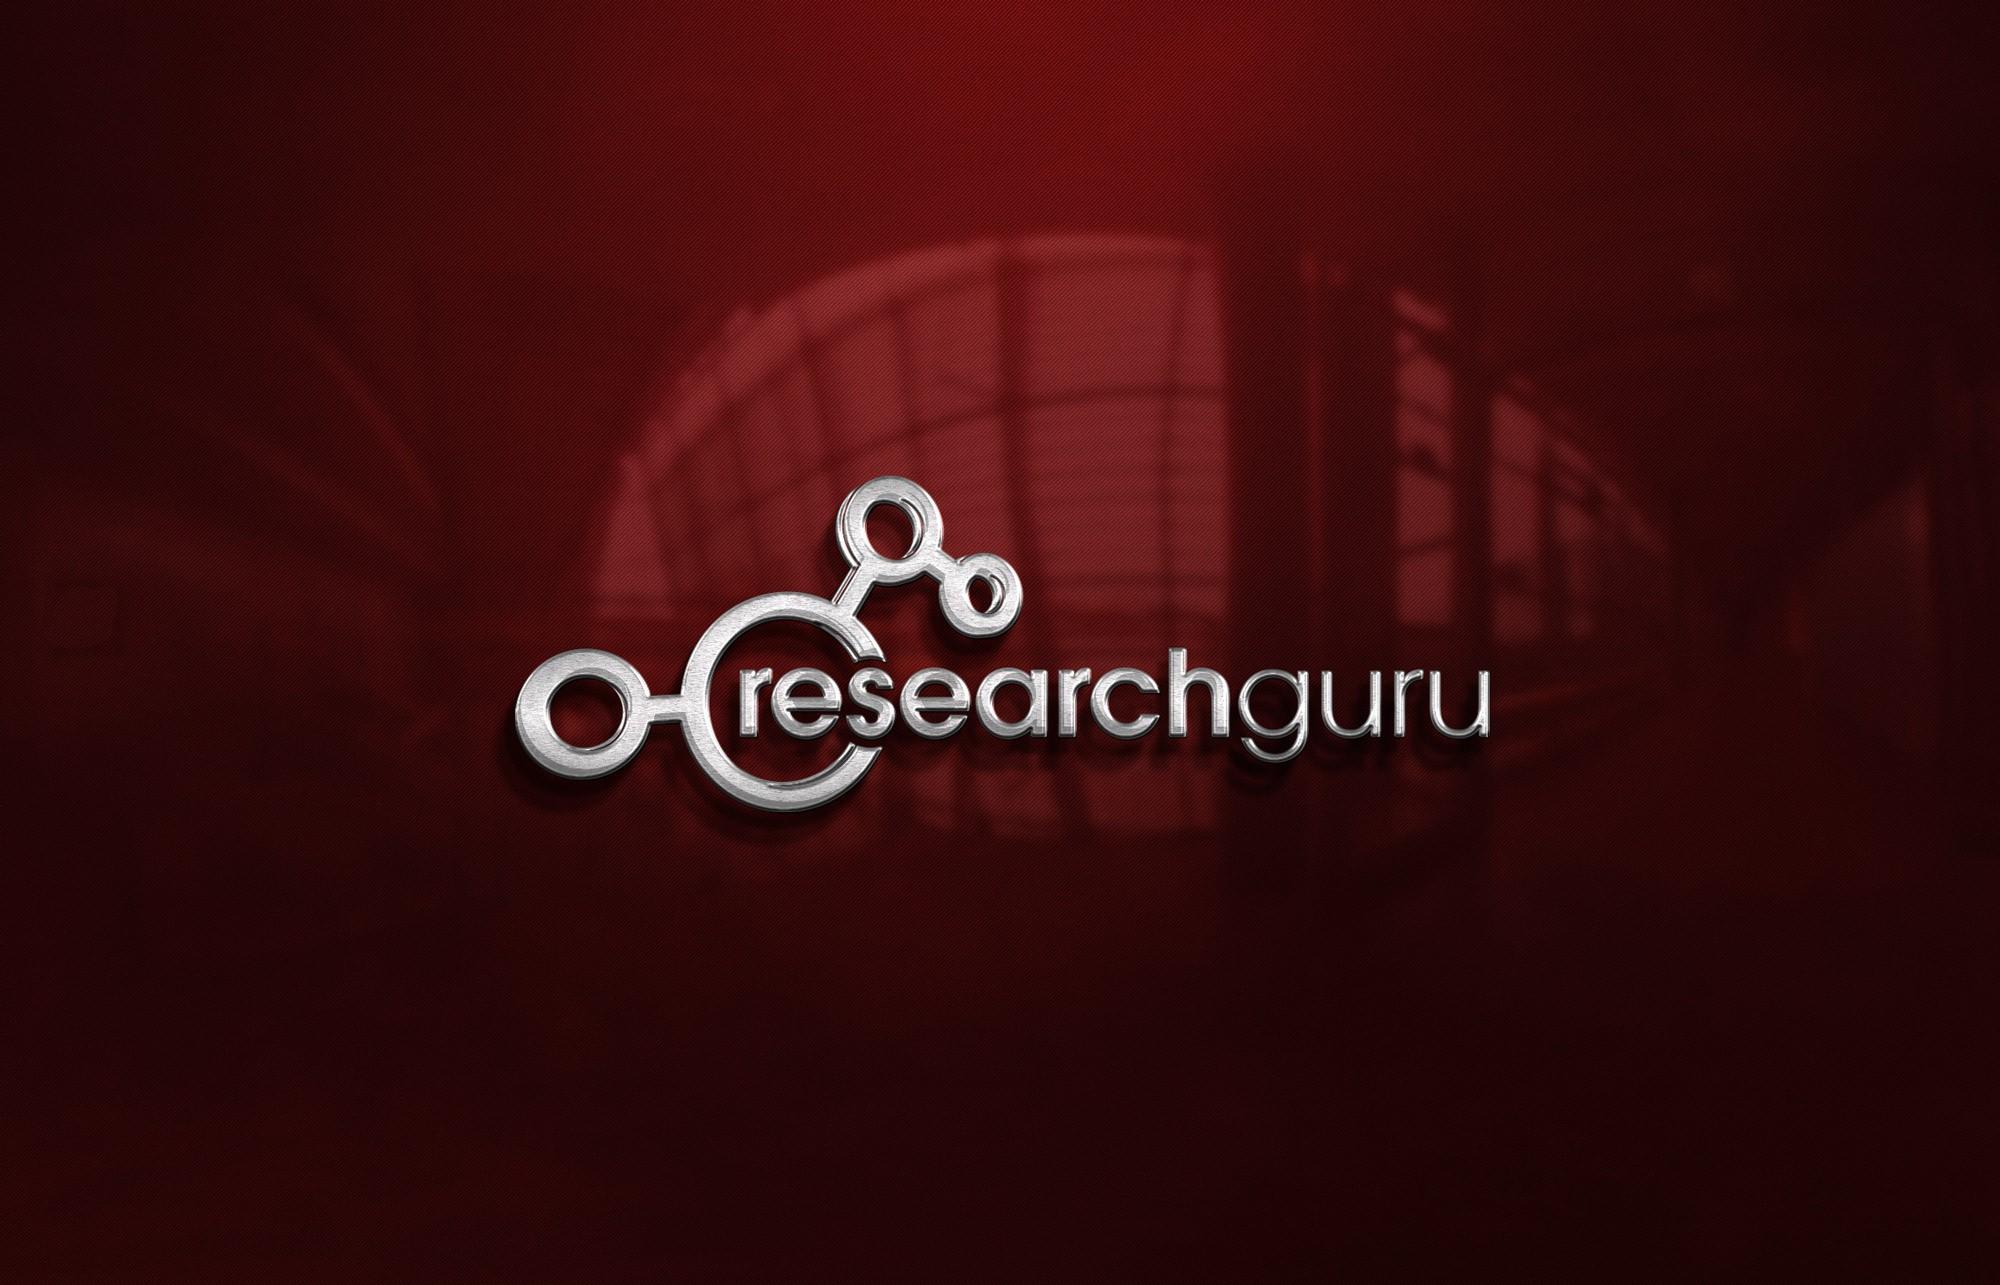 Research Guru